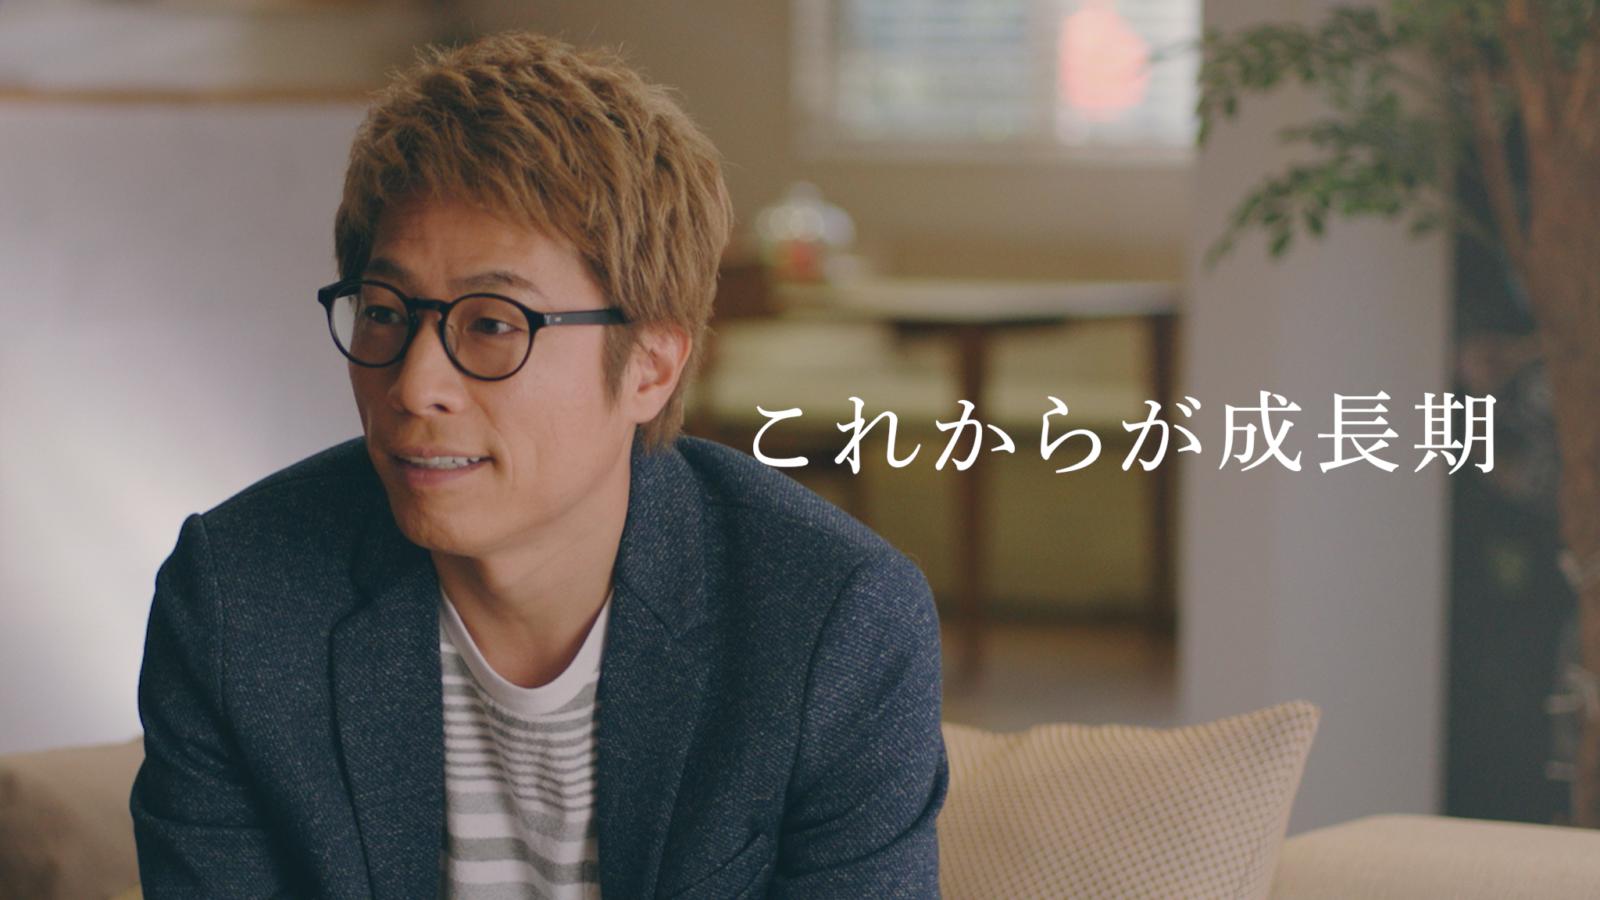 田村淳『ロンドンブーツ1号2号のこれから』などのインタビュー動画が公開サムネイル画像